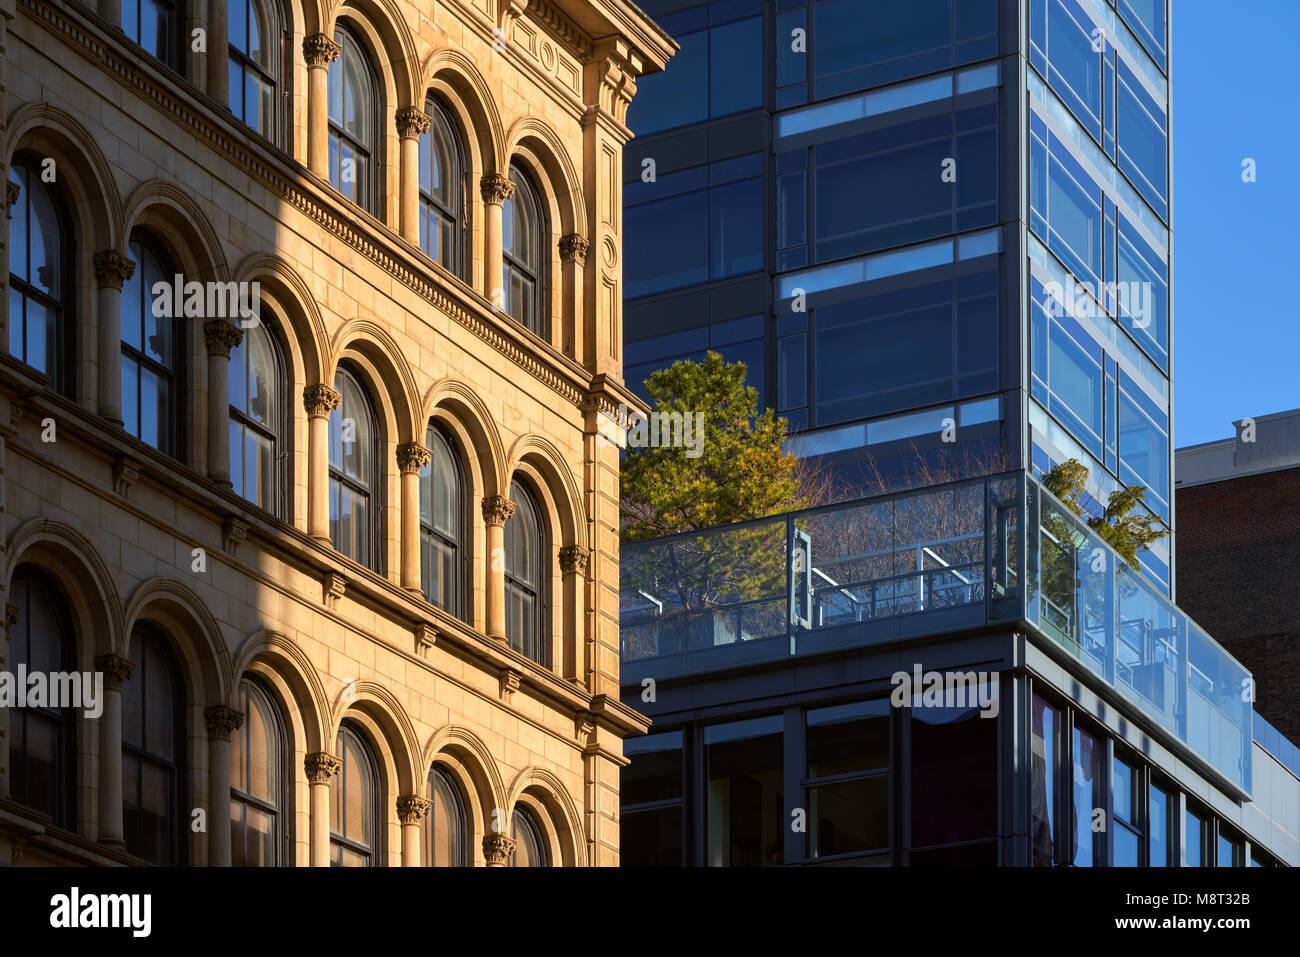 Soho facciate di edifici con contrastanti stili architettonici. La città di New York, Manhattan Soho Immagini Stock